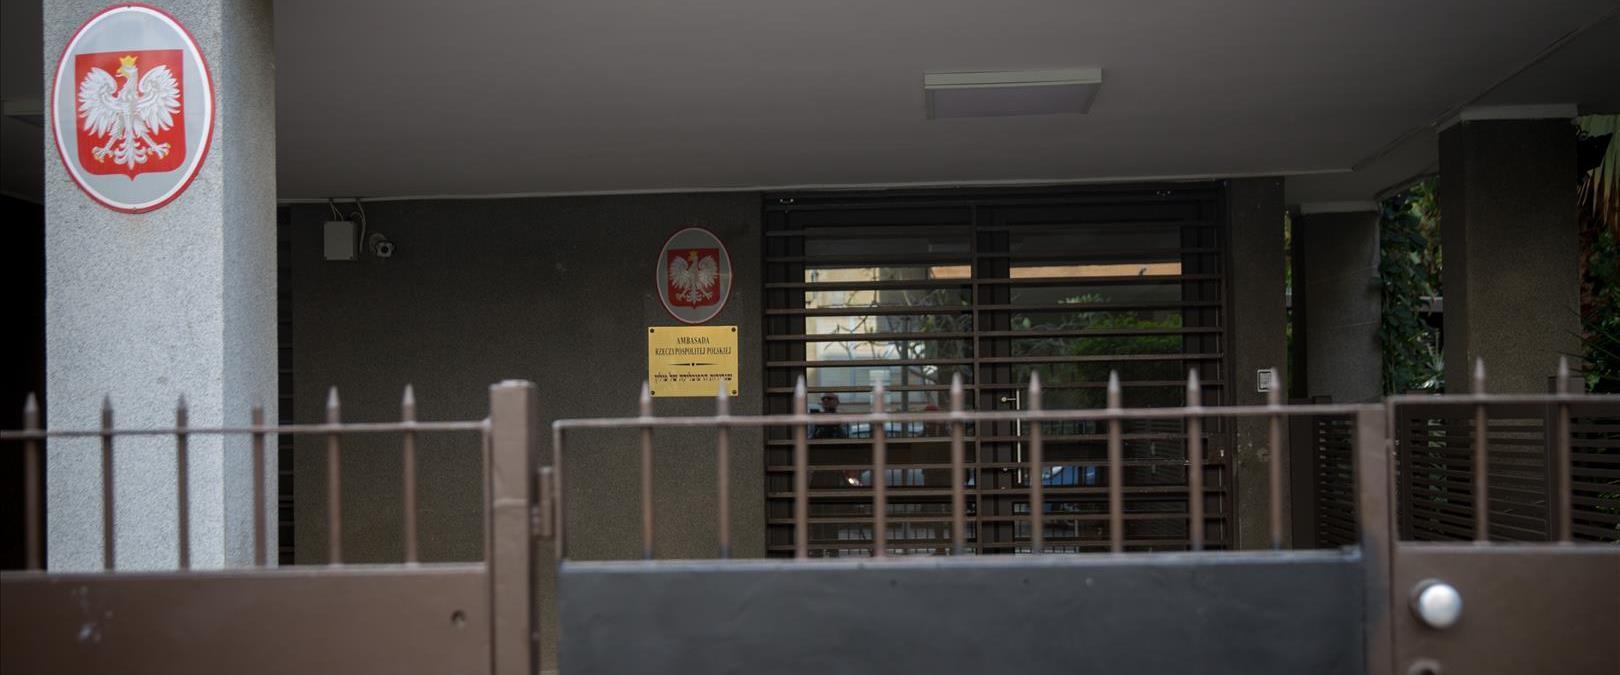 שגרירות פולין בישראל